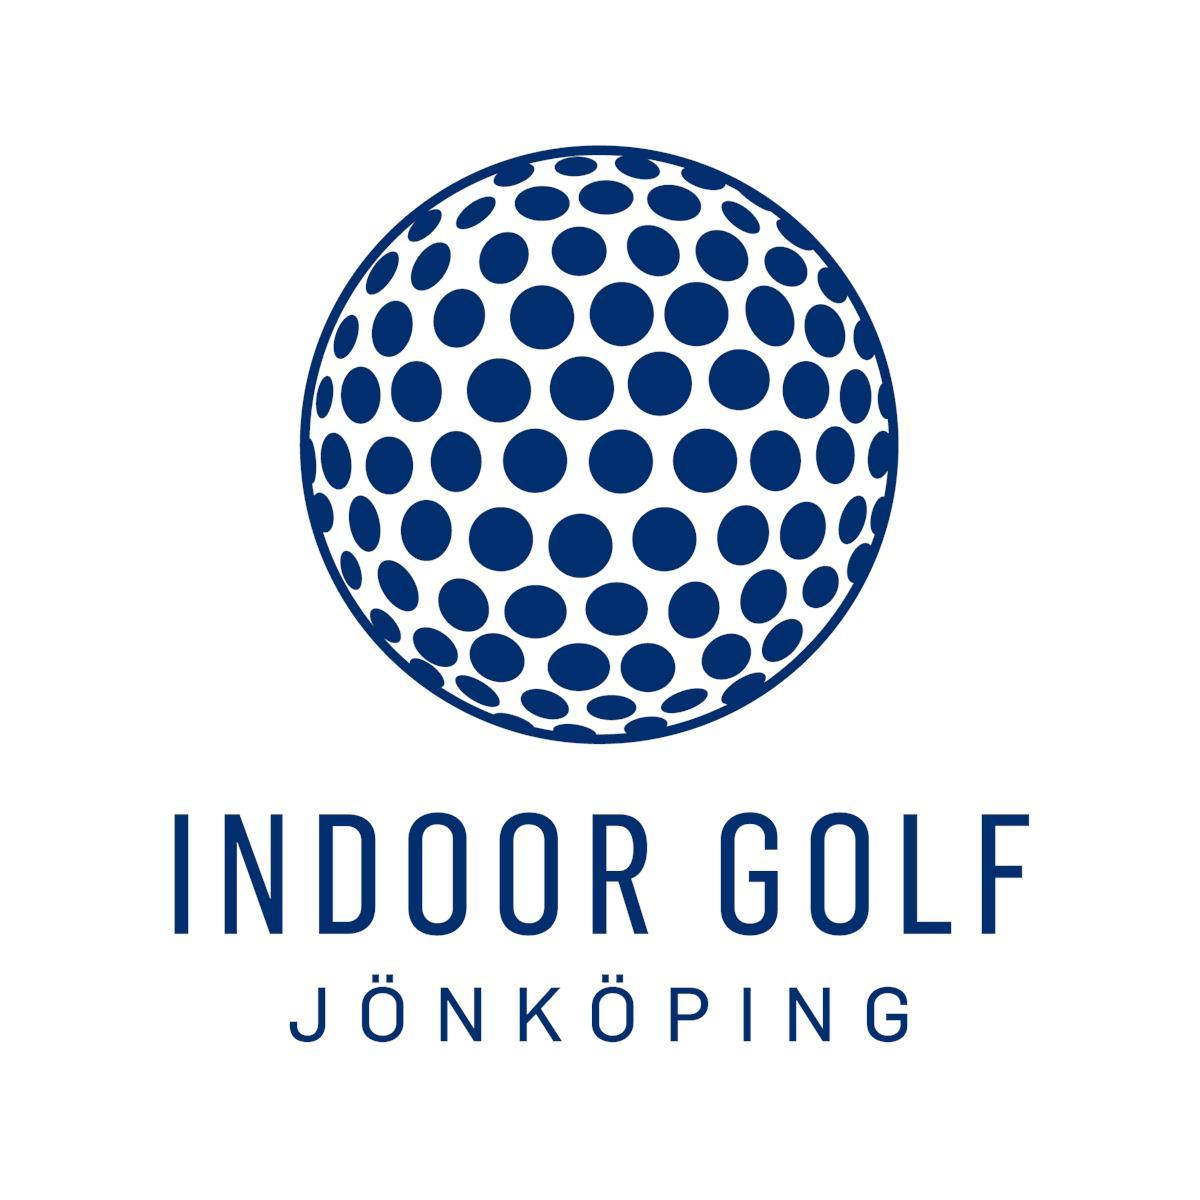 Välkommen till Indoor Golf